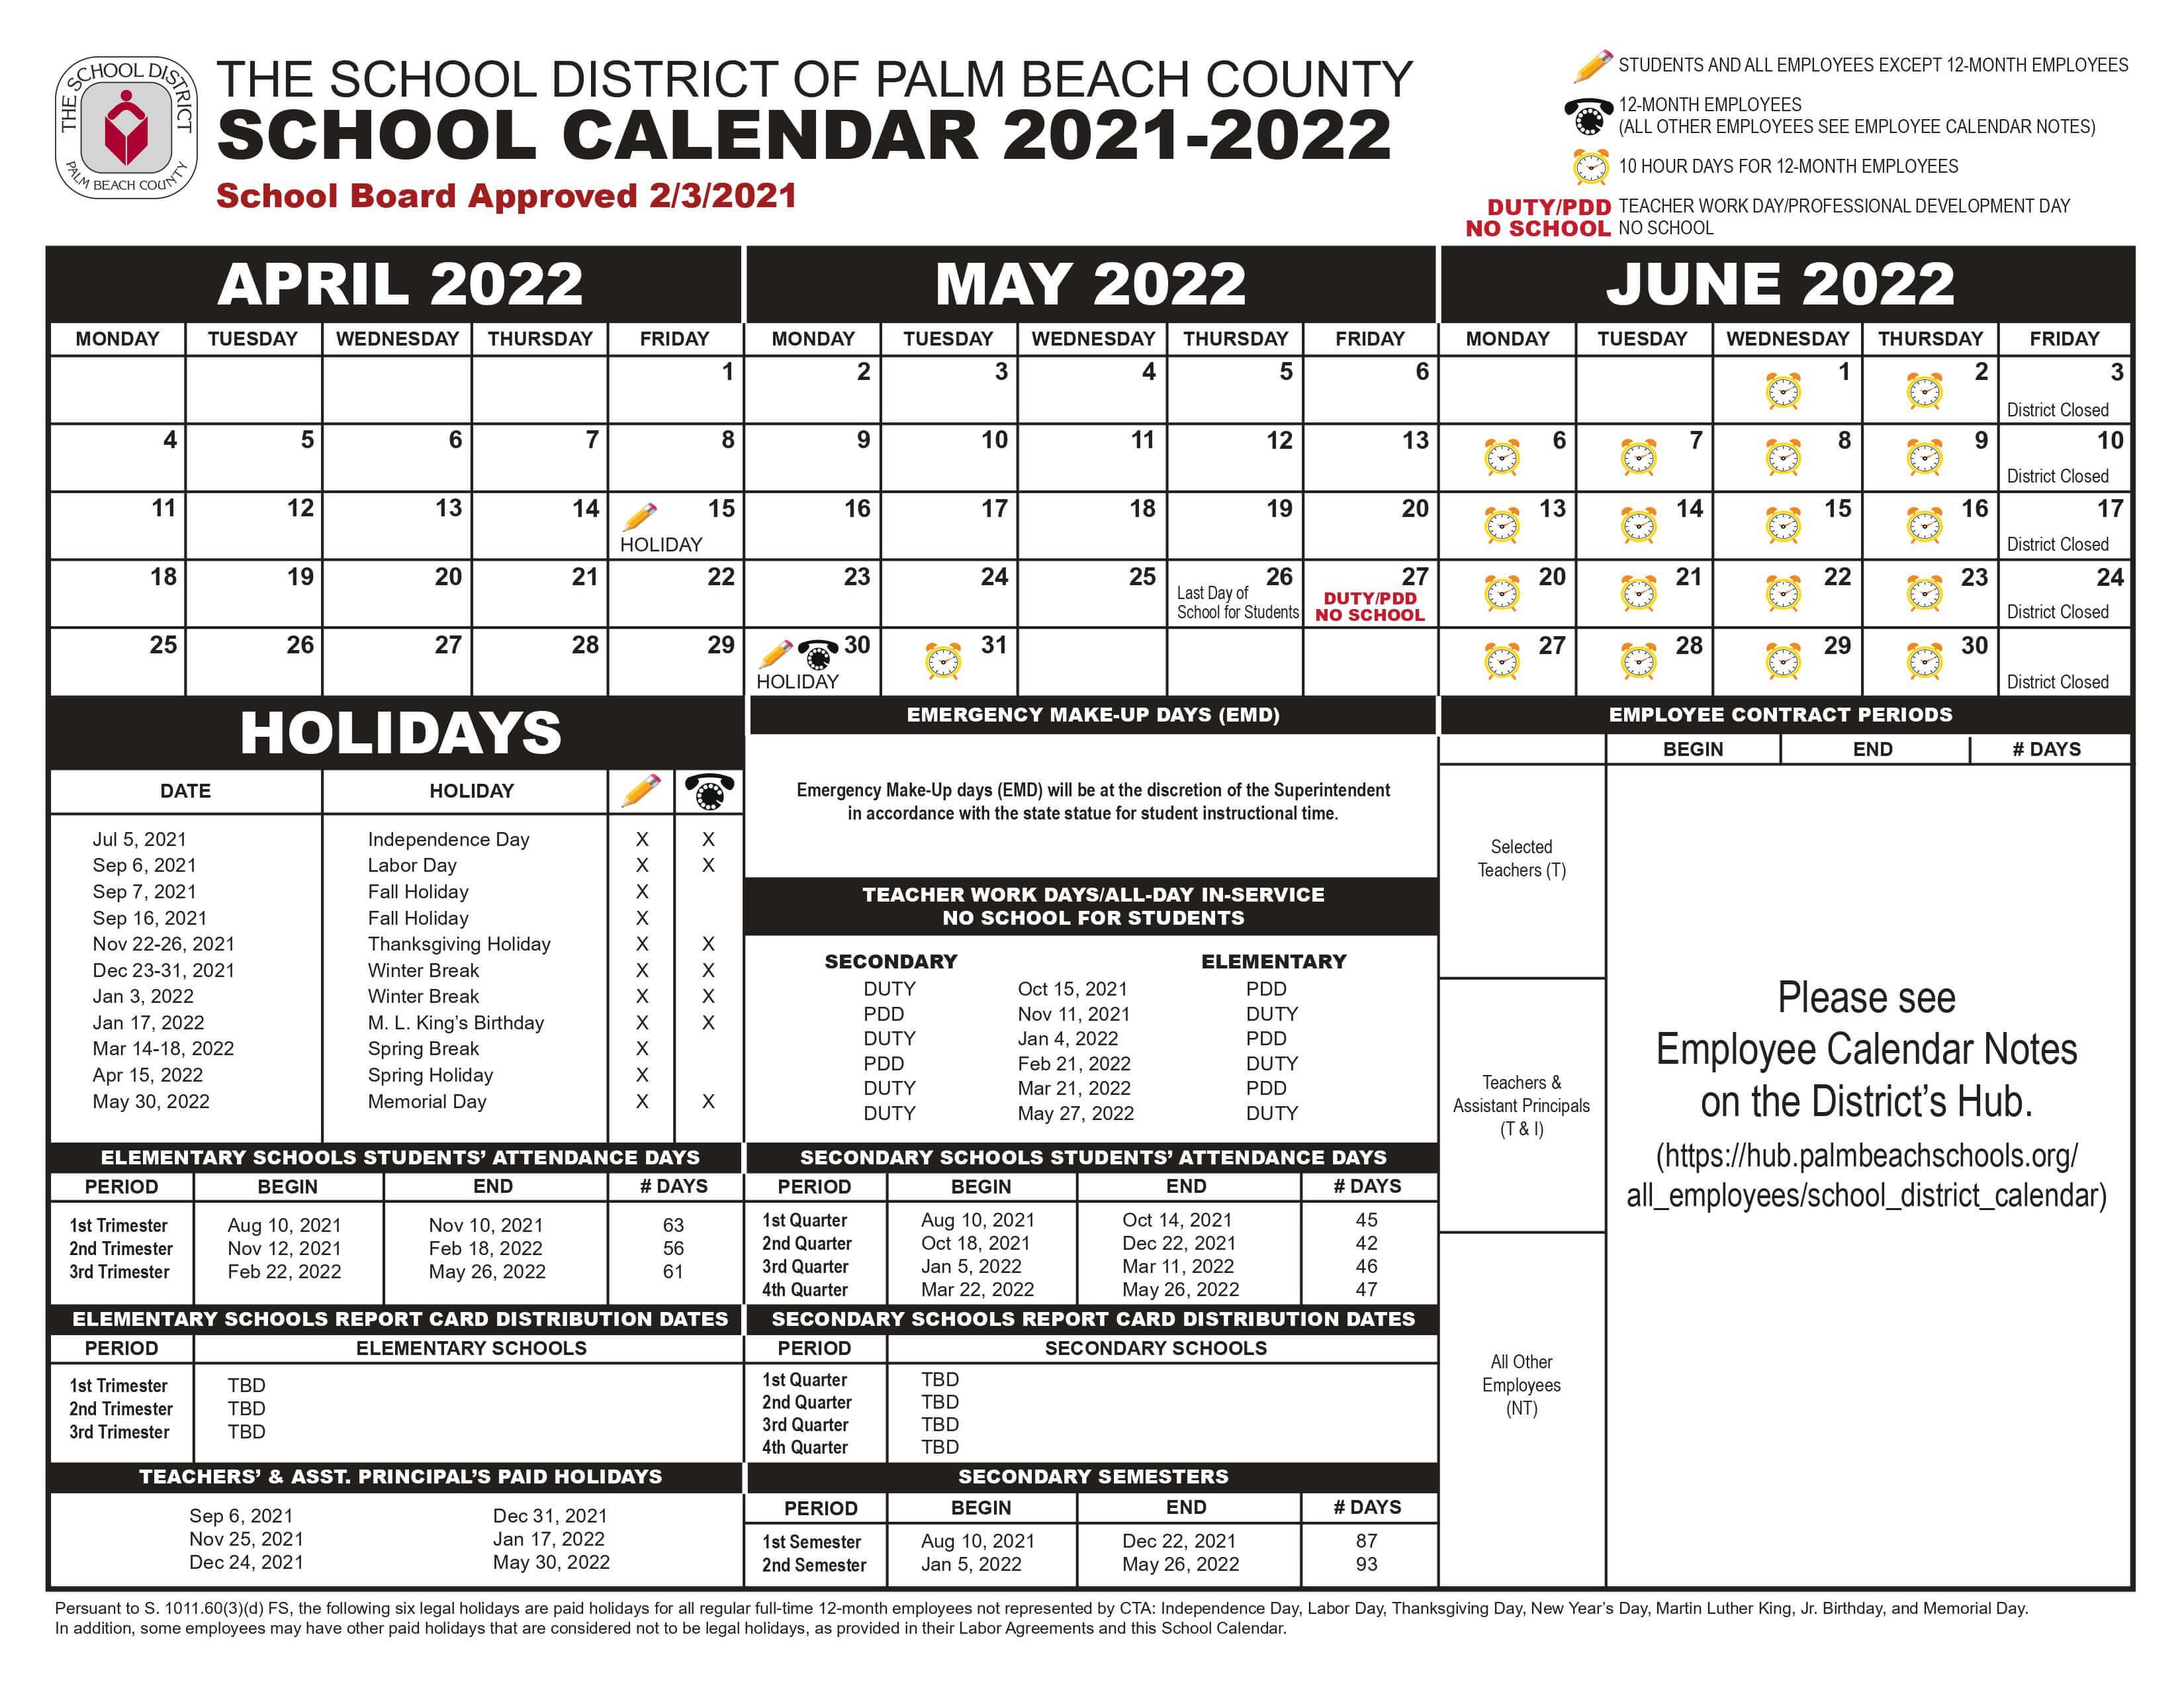 Palm Beach School Calendar July 2019 - March 2020